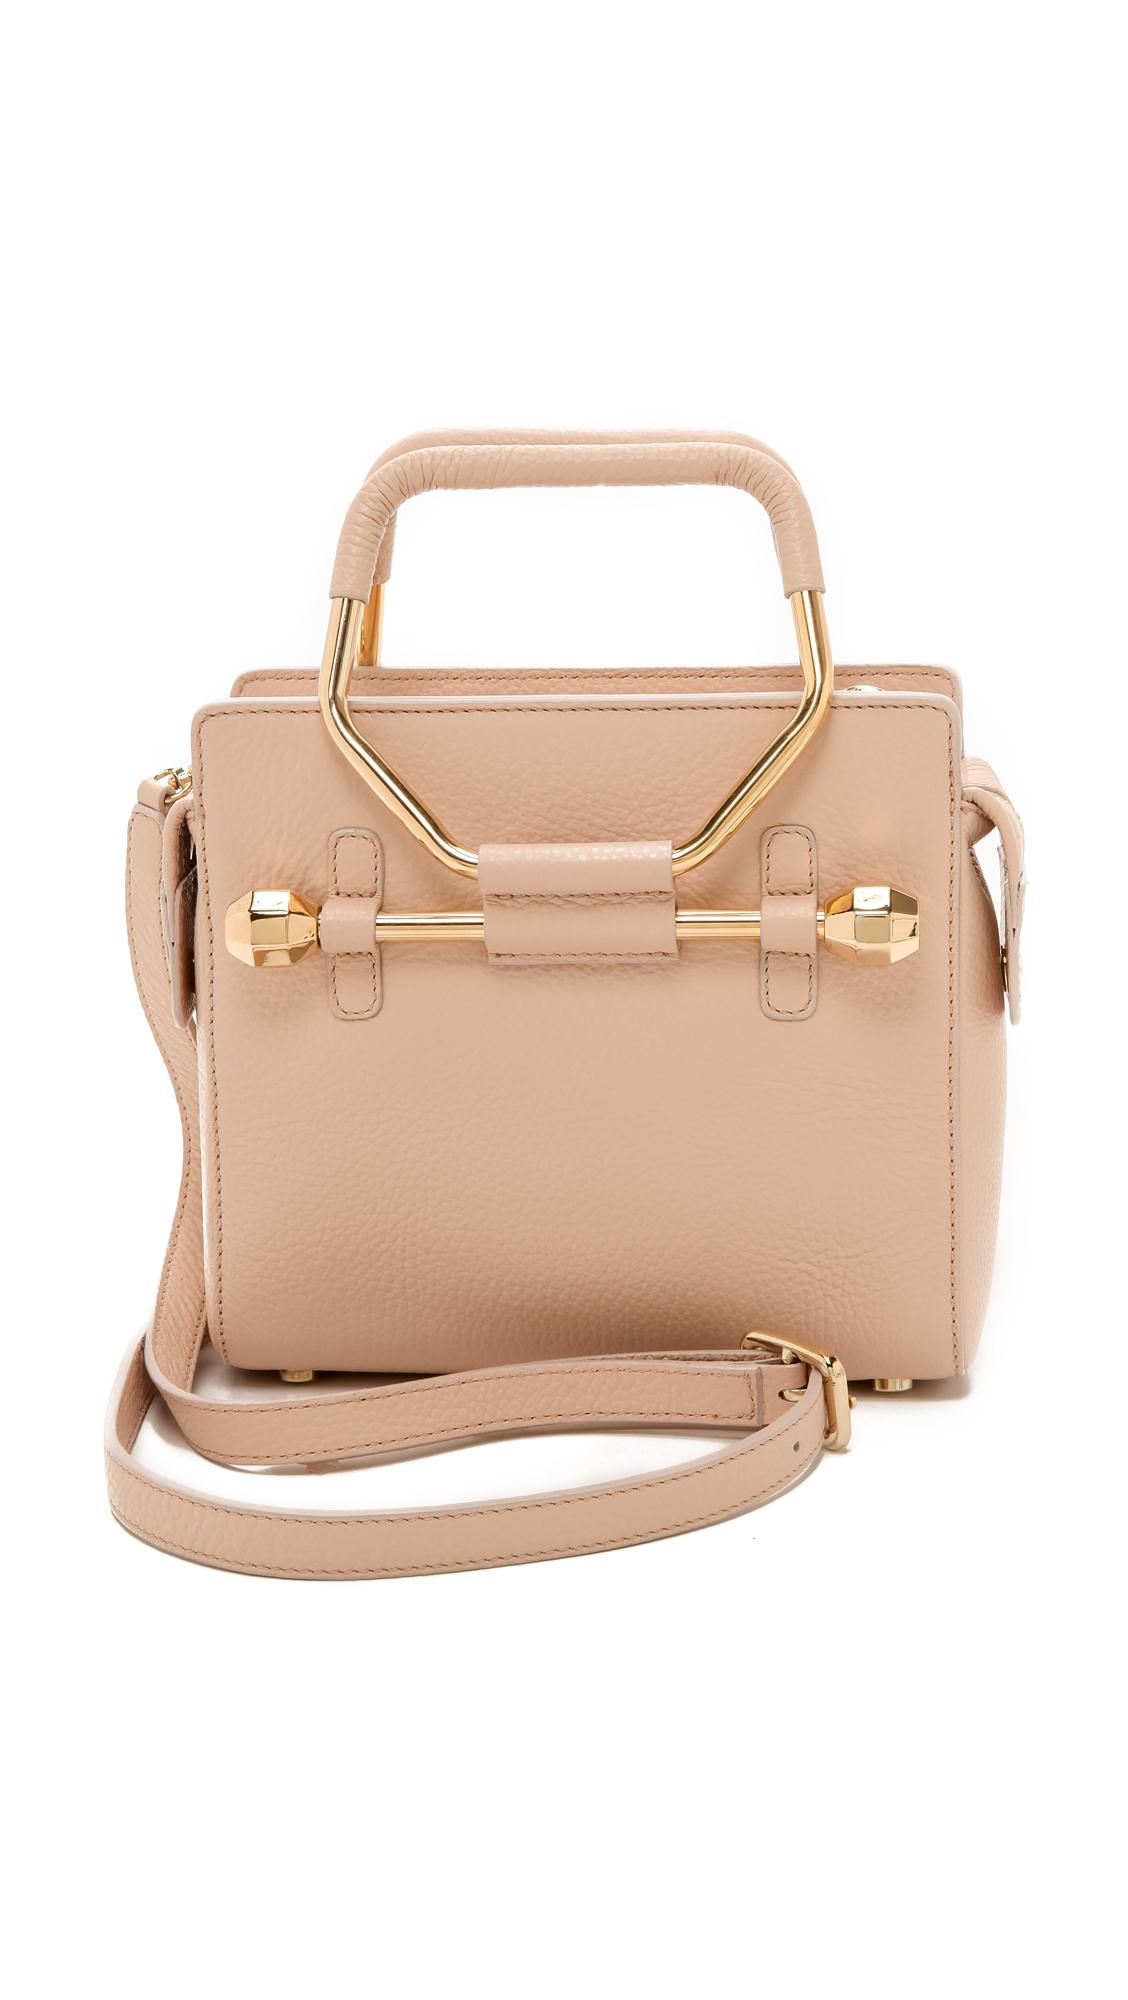 Viktor & Rolf Pre-owned - Leather bag 6gjRnAN